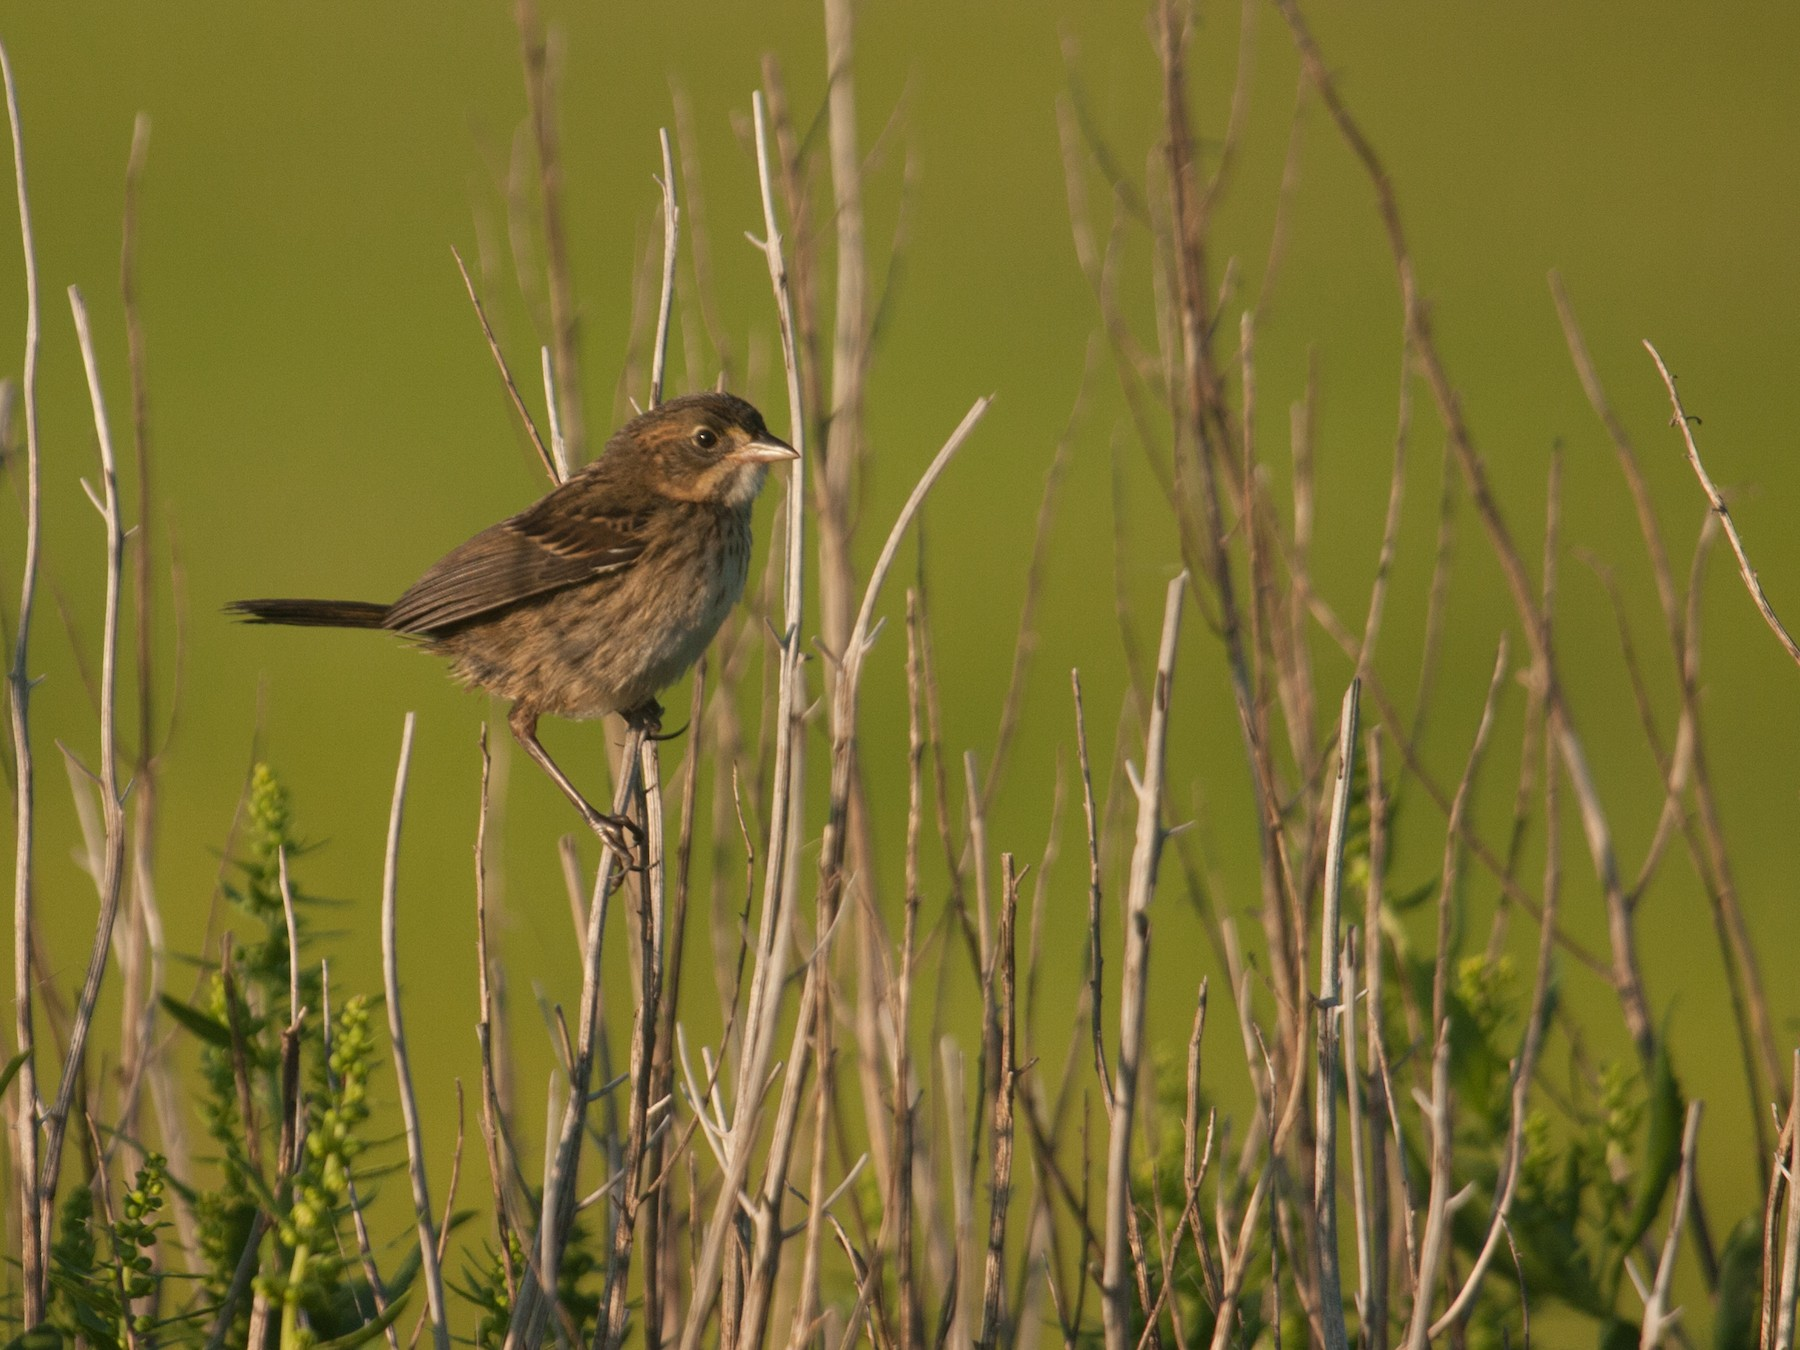 Seaside Sparrow - Marshall Iliff